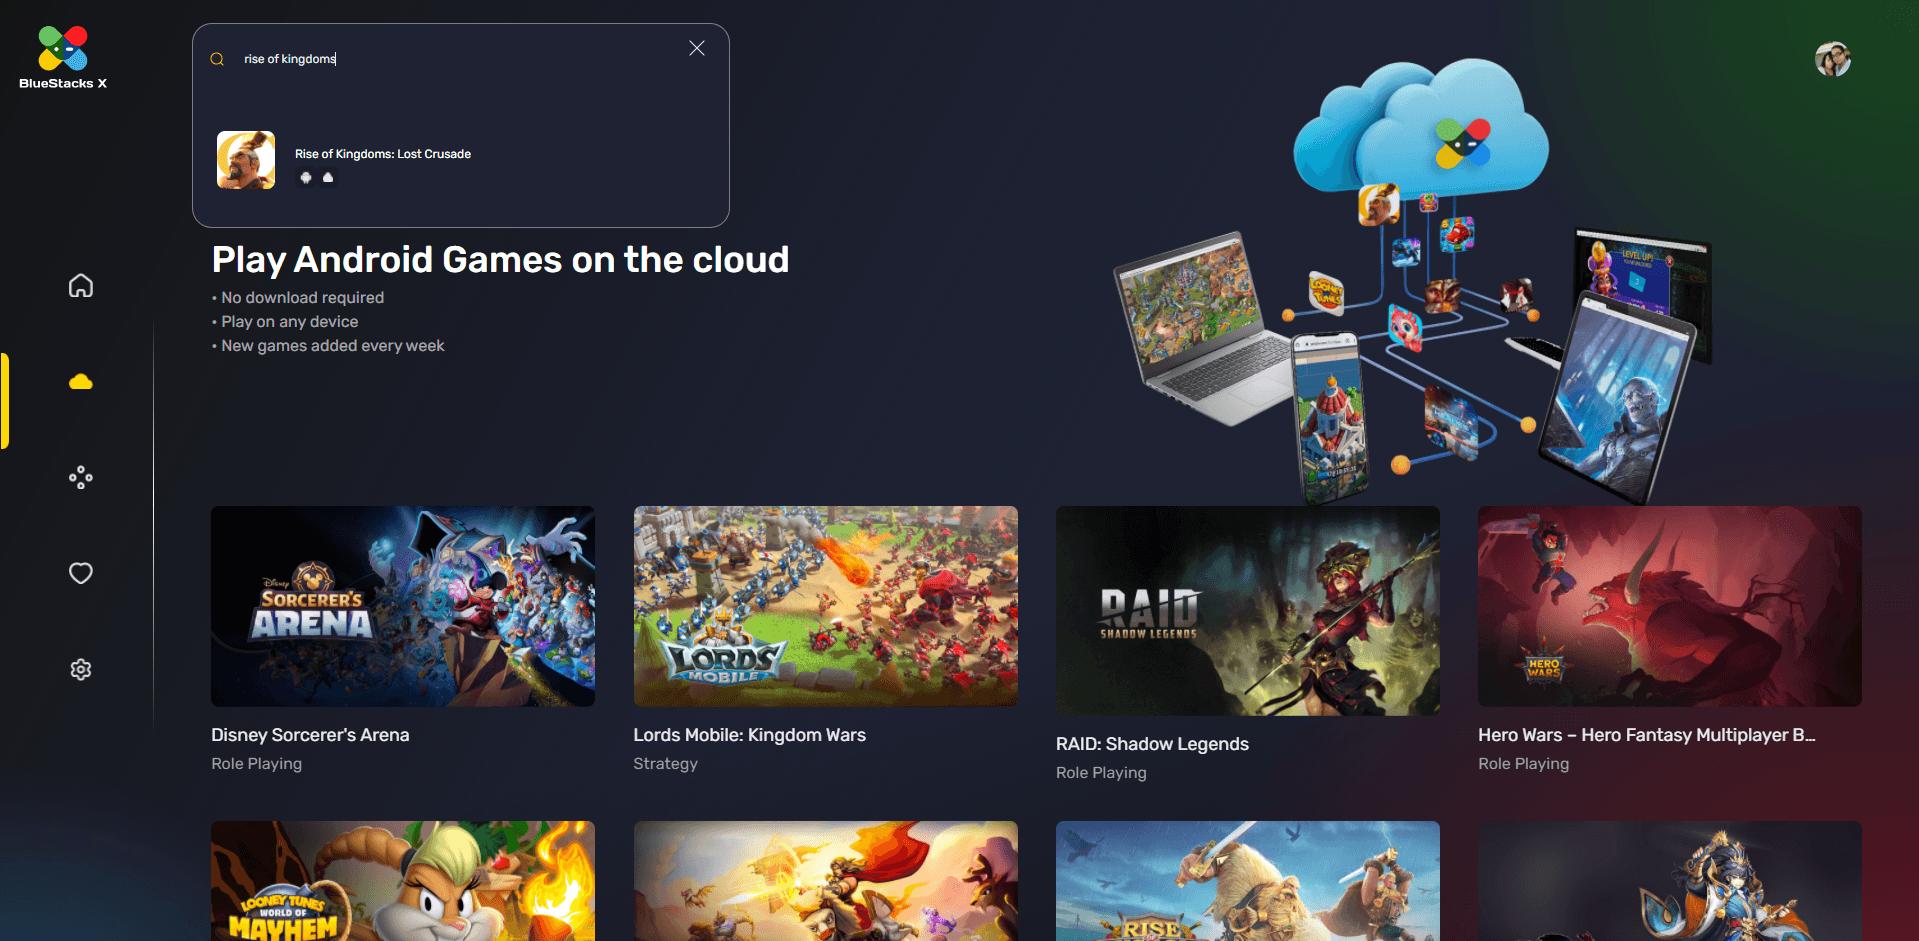 Comment Jouer à Rise of Kingdoms depuis le Cloud Avec BlueStacks X